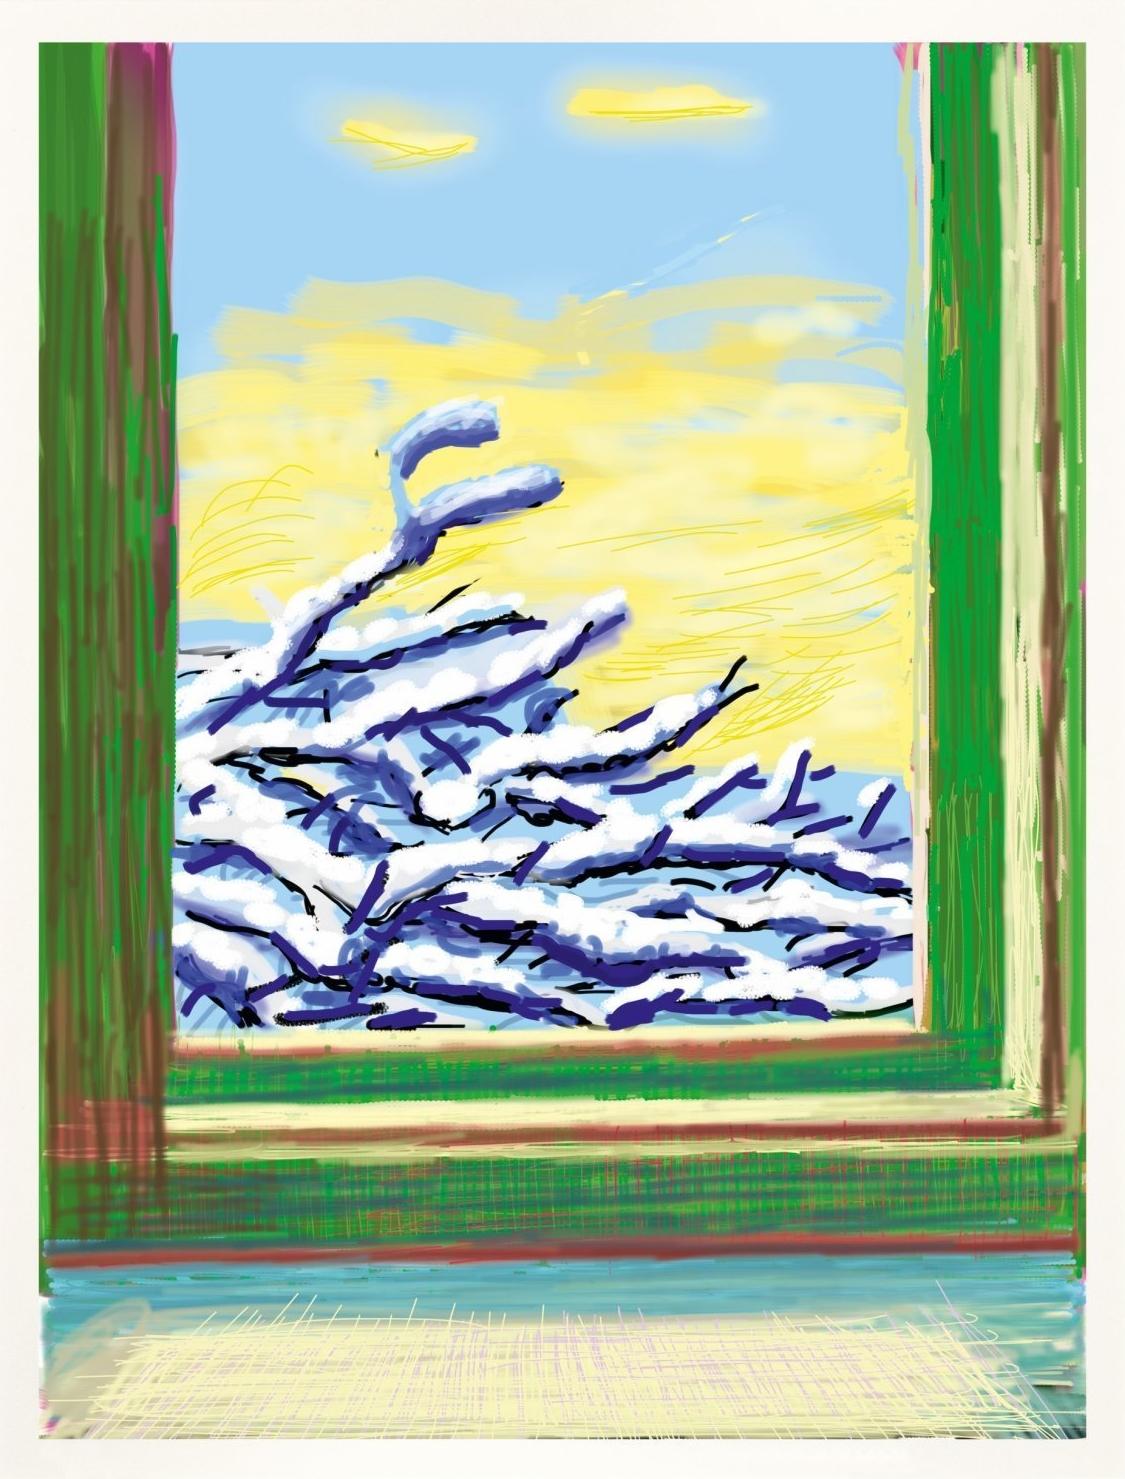 David Hockney iPad Drawing My Window 610